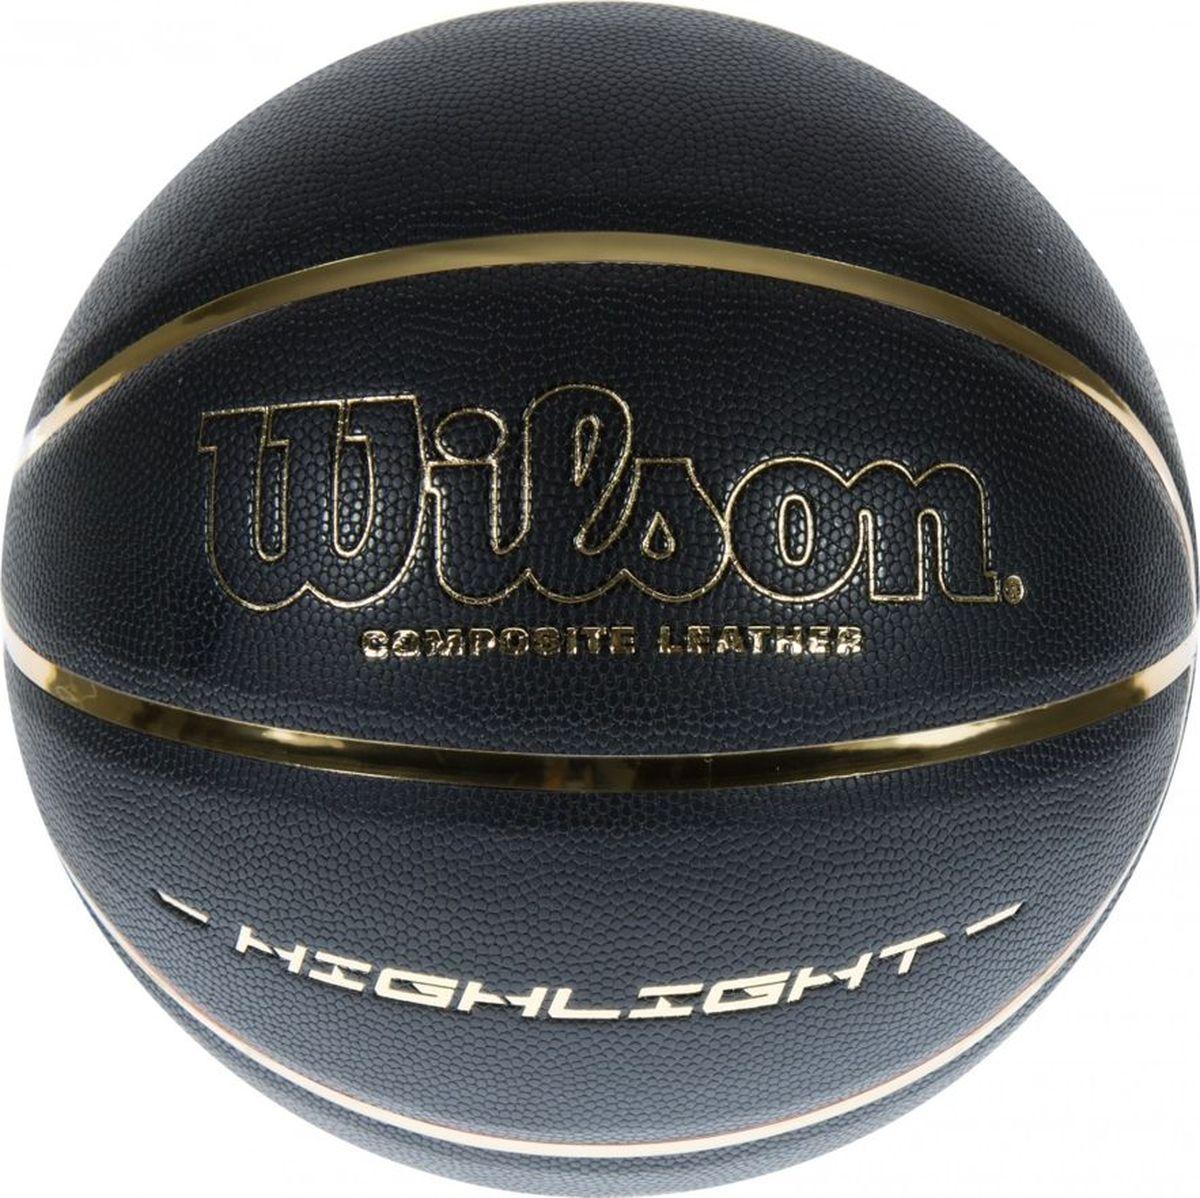 Мяч баскетбольный Wilson Highlight, цвет: черный. Размер: 7УТ-00009331Премиум конструкция каркаса мяча для износоустойчивости, невероятный притягательный внешний вид, высококачественный композитный материал с непревзойденным гриппом и контролем.